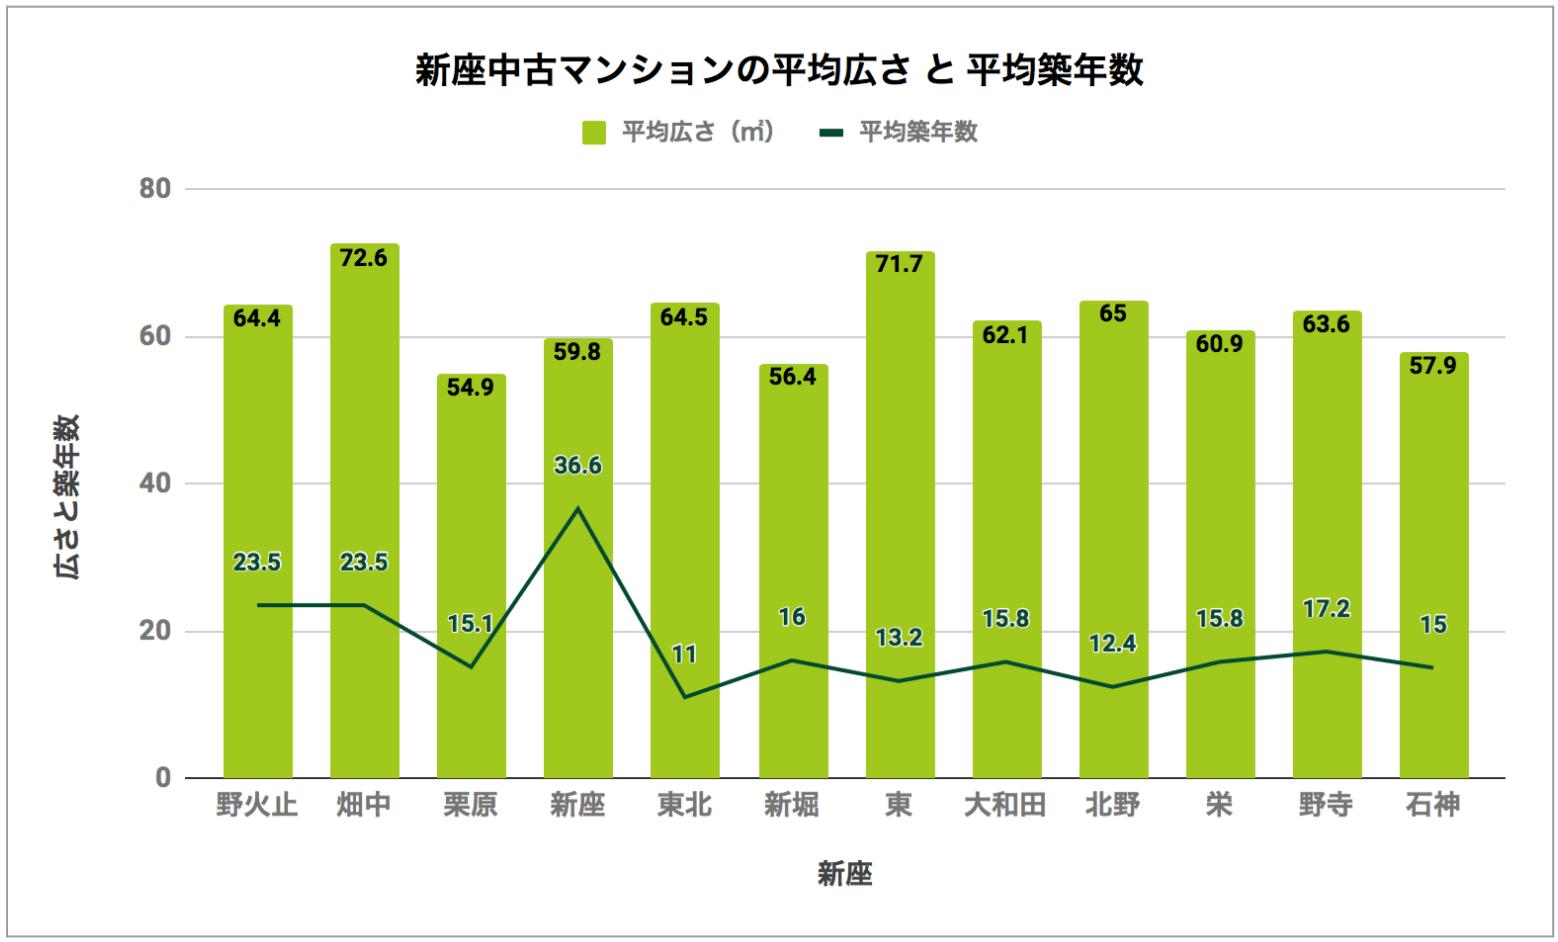 新座「中古マンションの平均広さと平均築年数」